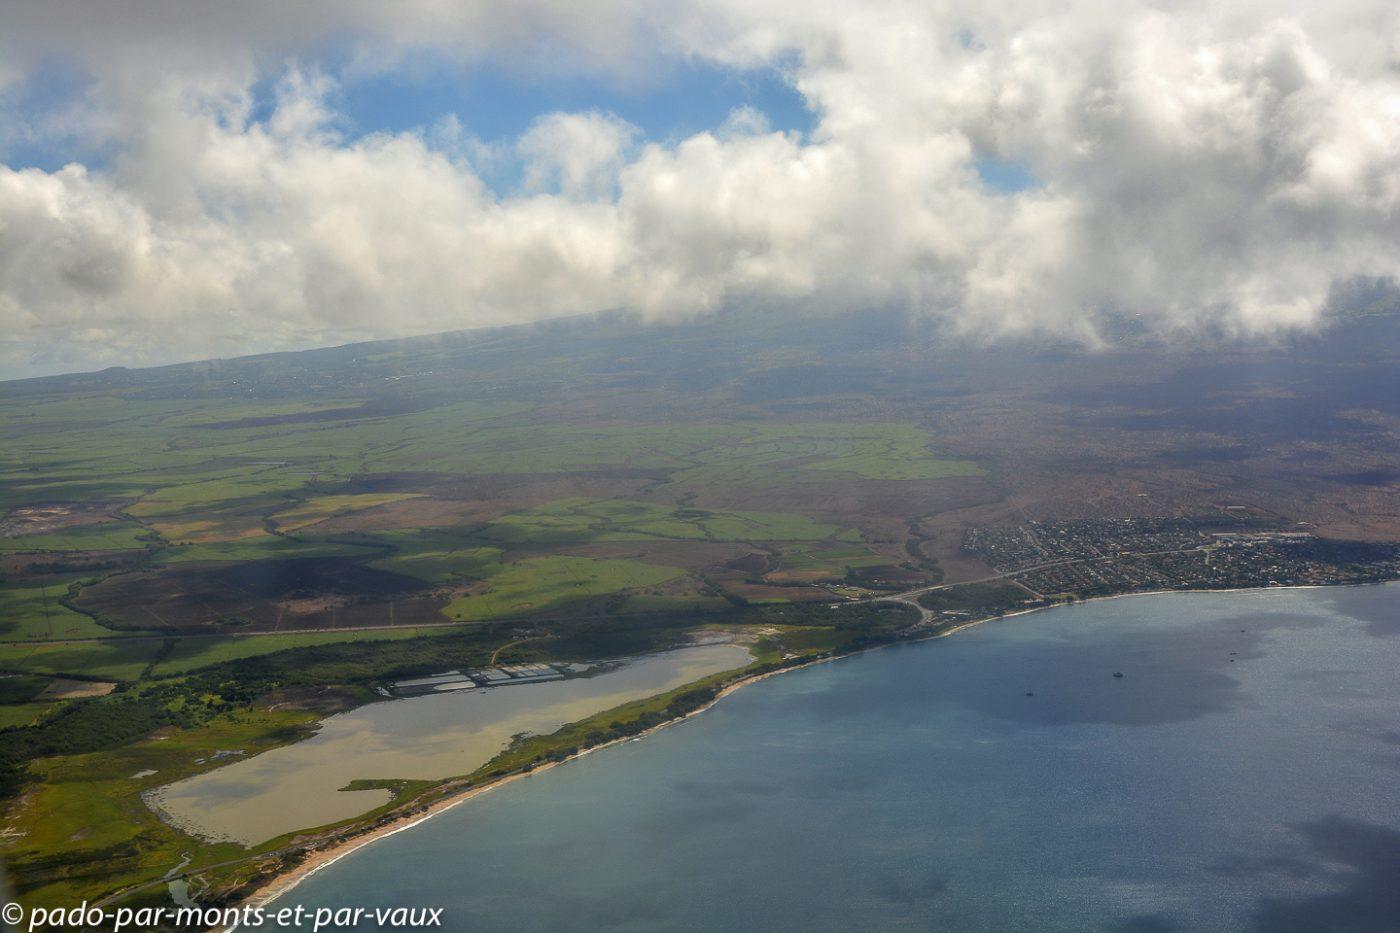 Vol Kauai - Maui